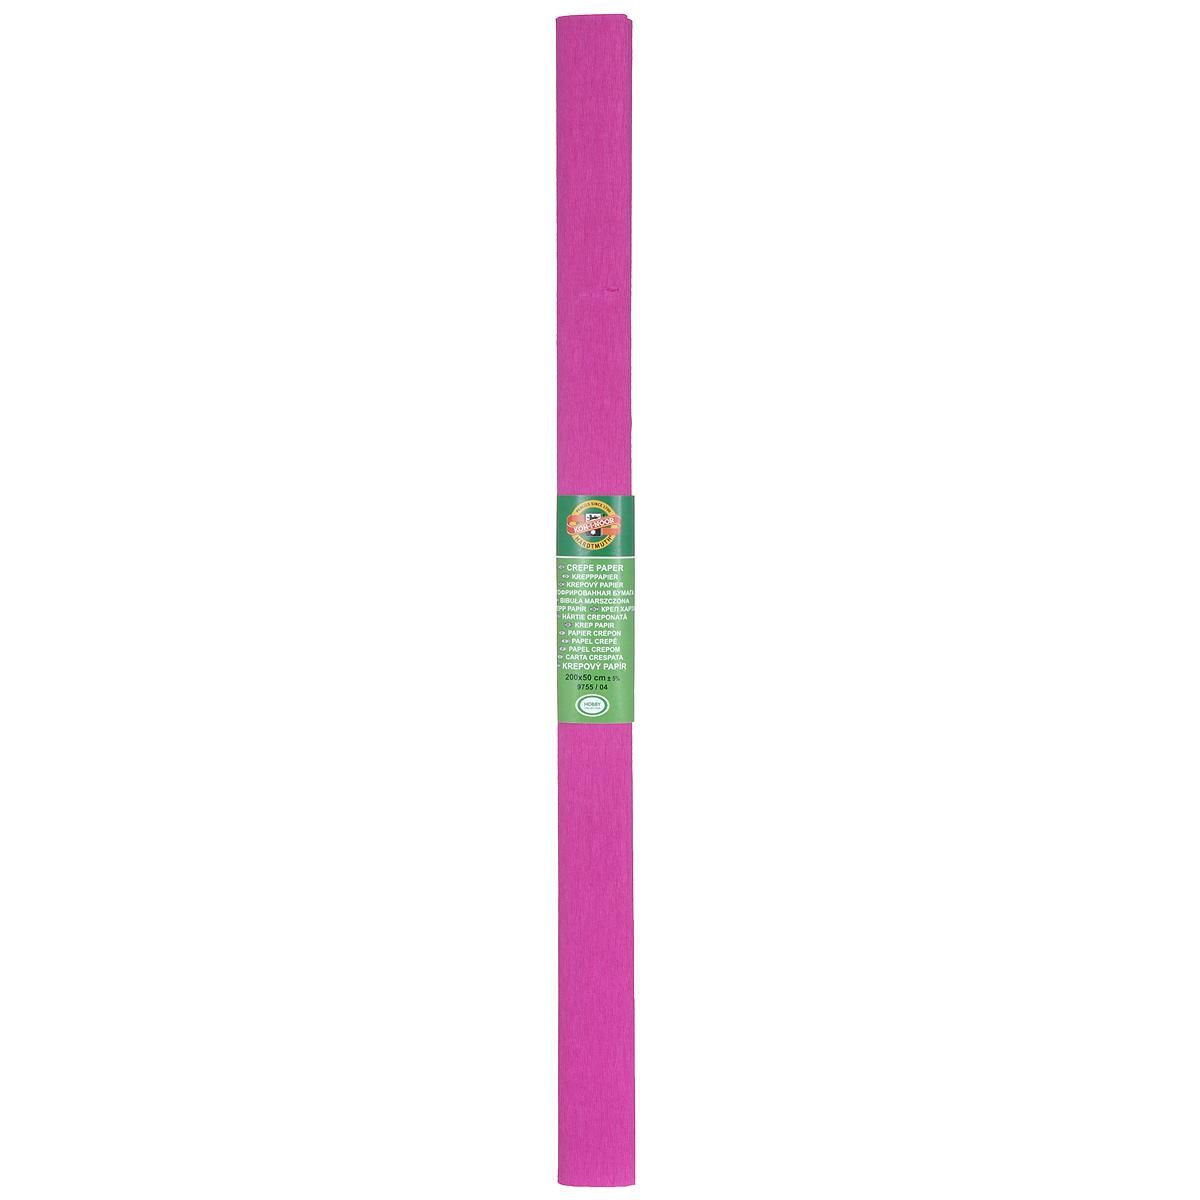 Бумага гофрированная Koh-I-Noor, цвет: фуксия, 50 см x 2 м